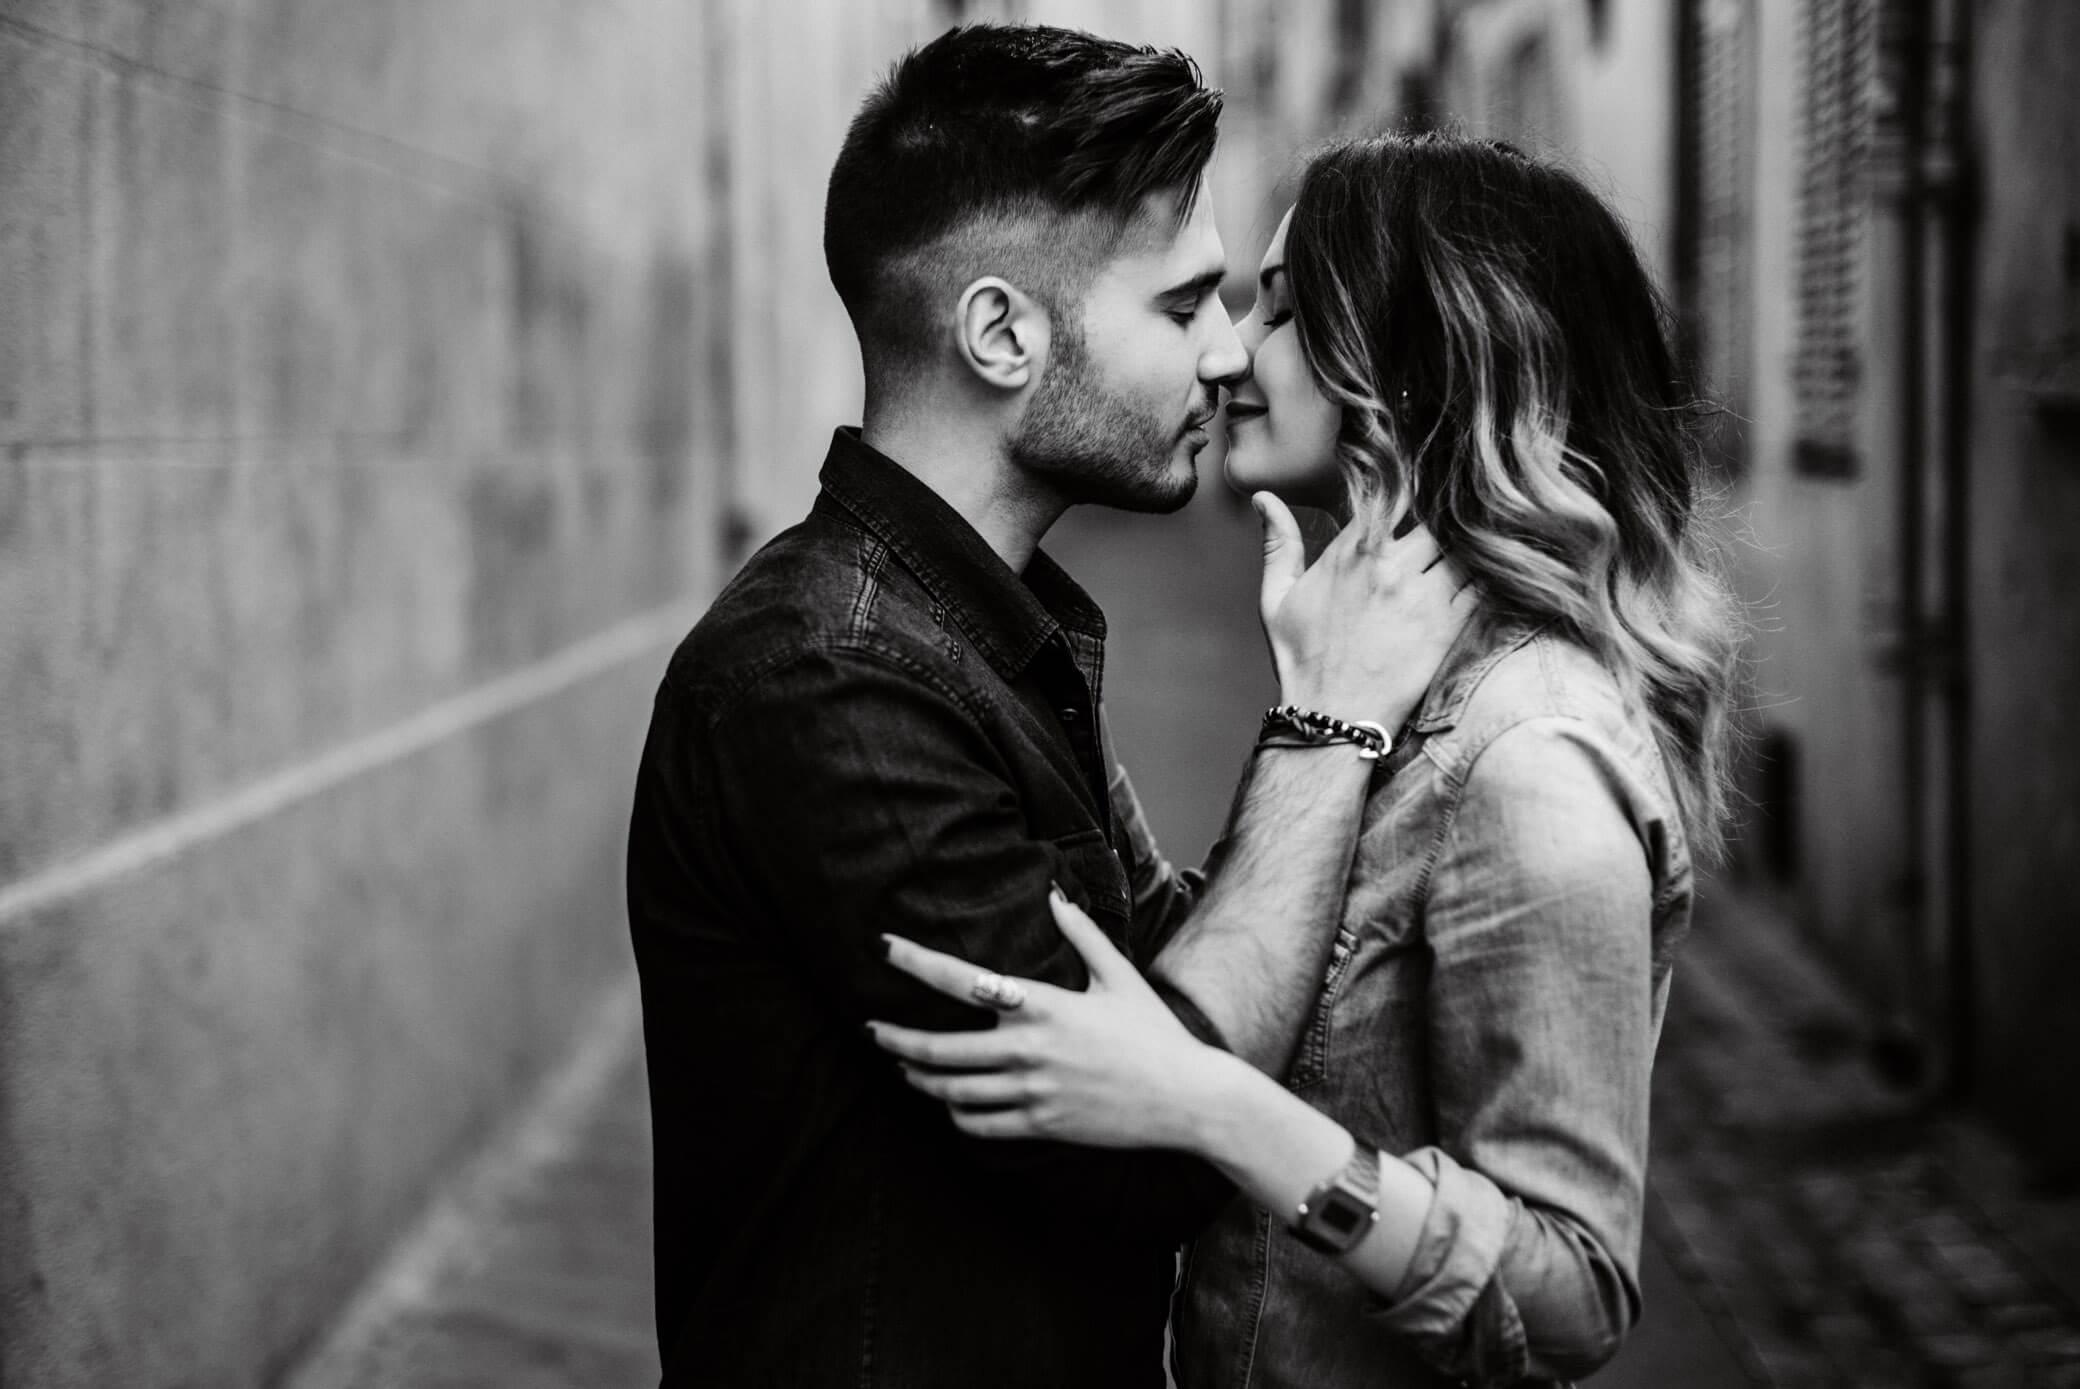 comment-reussir-vos-photos-de-couple-baiser-sensuel